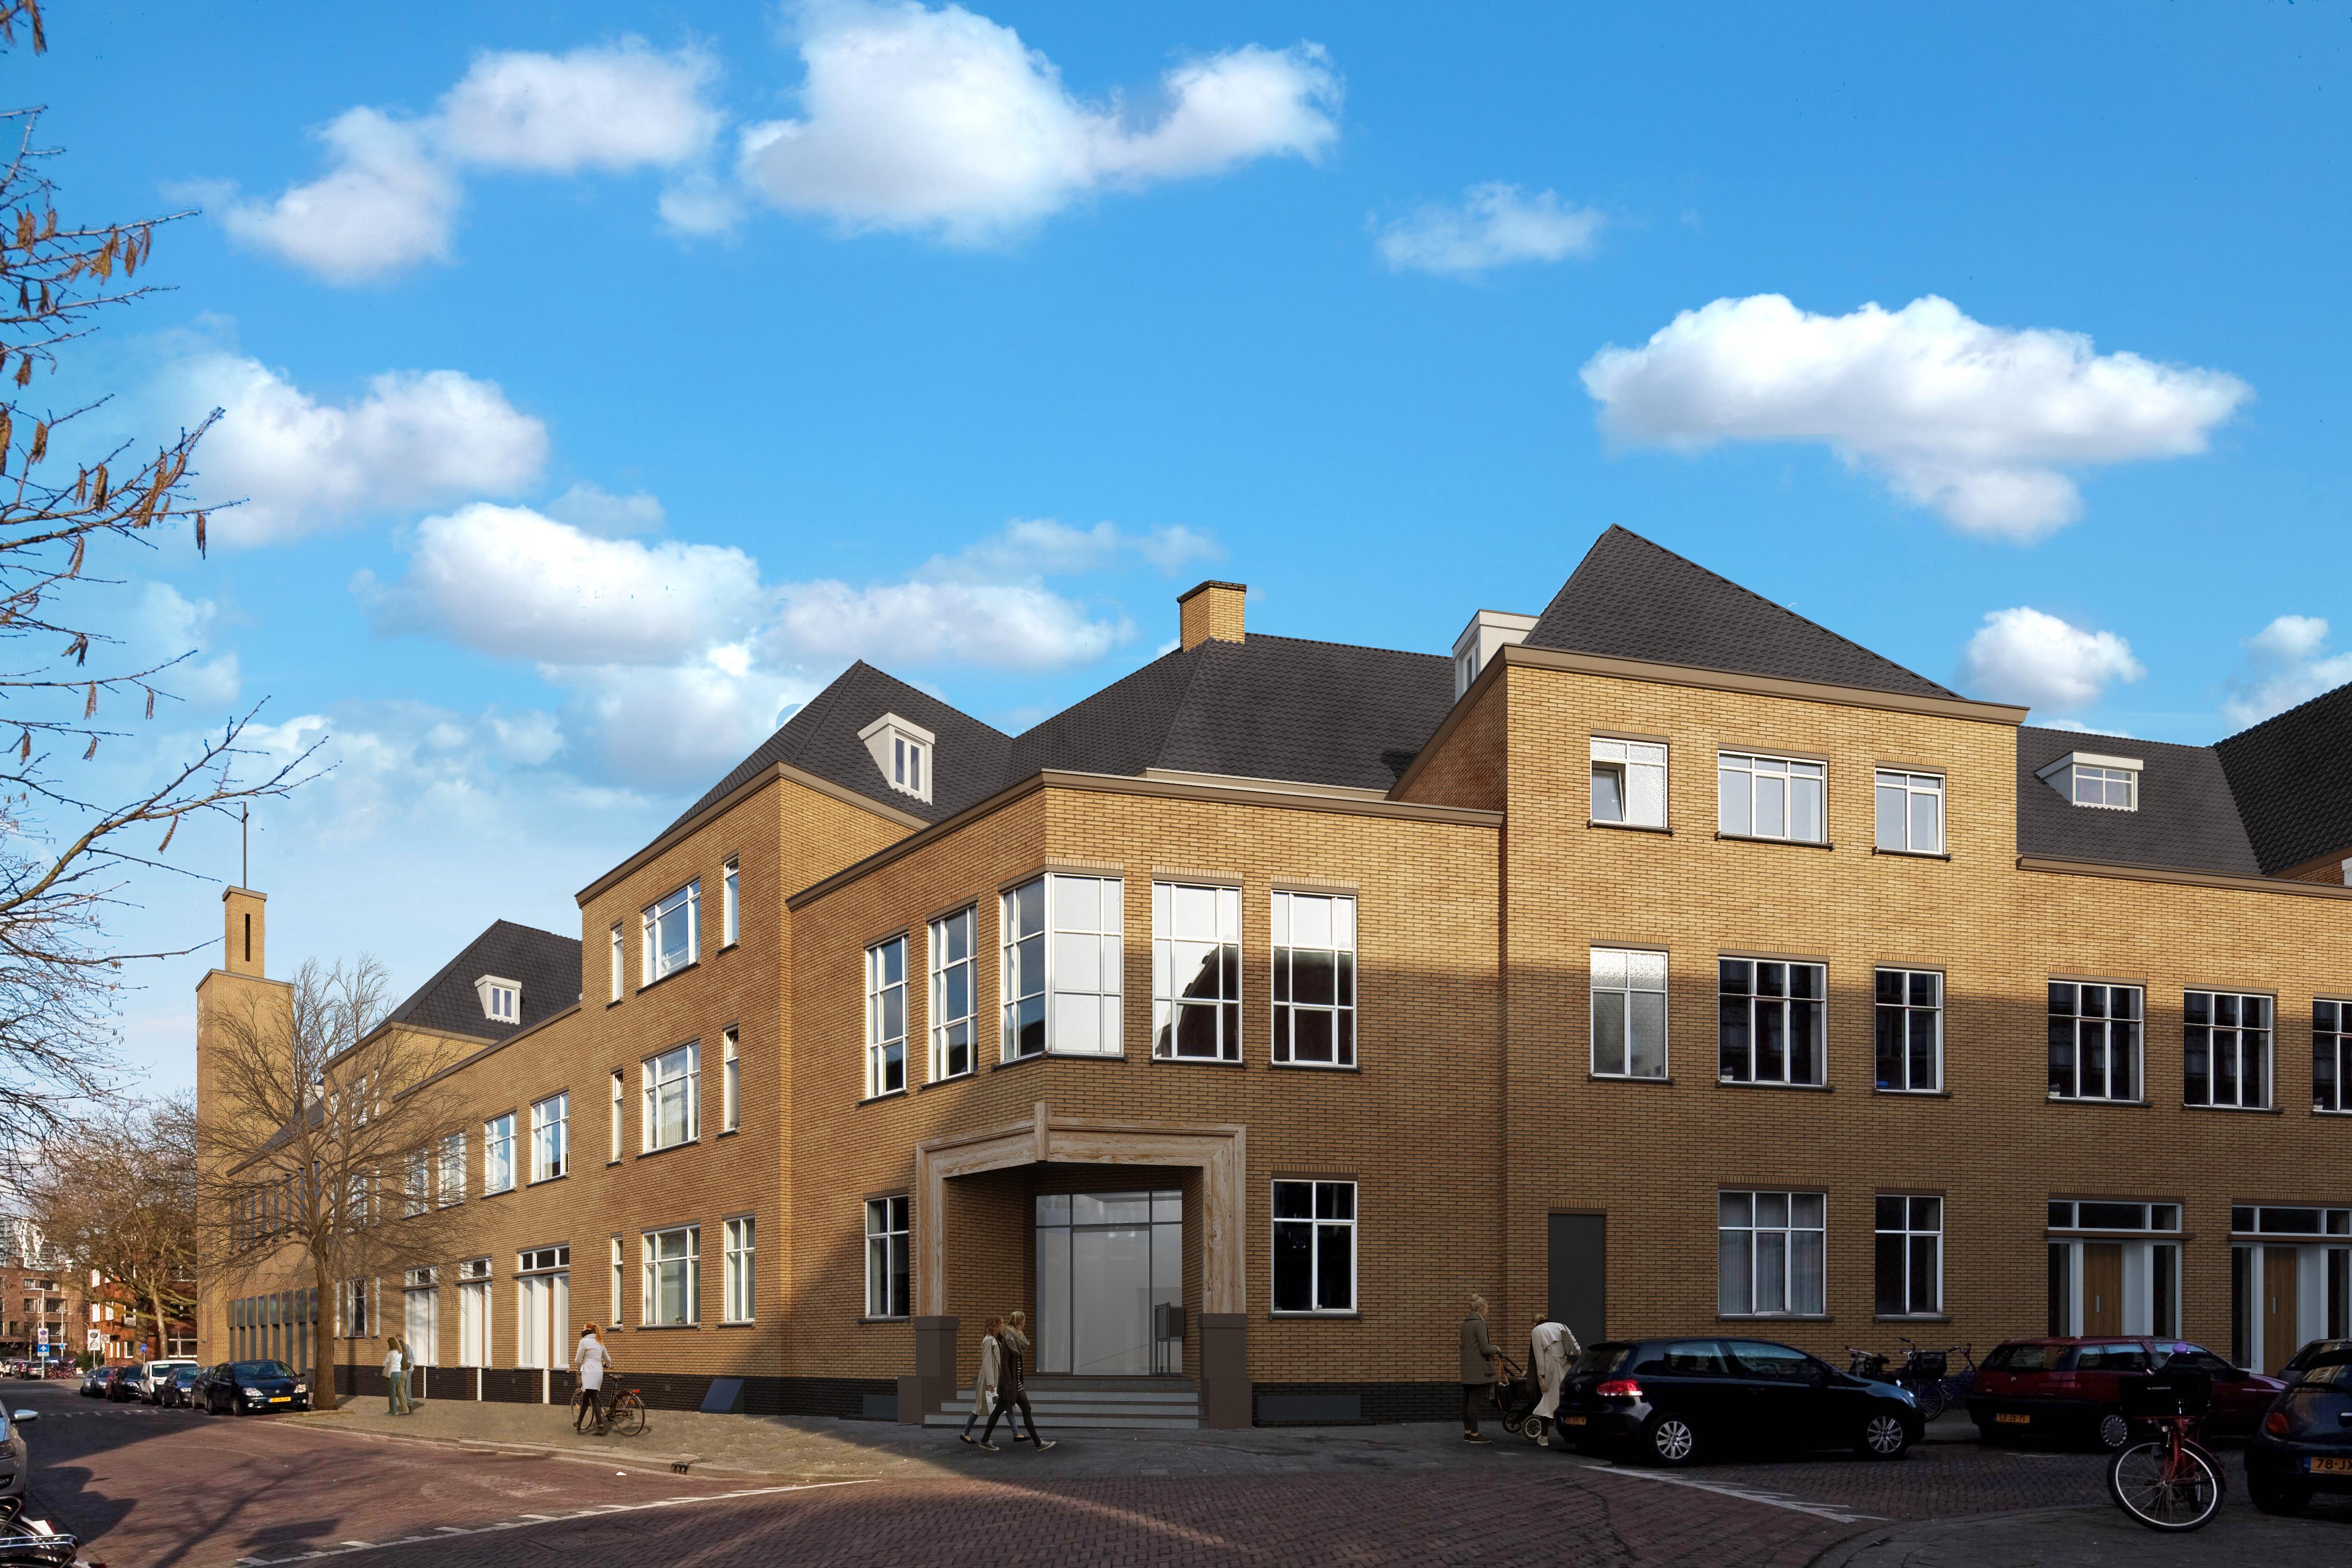 Apartamenty wizualizacja zewnętrzna osiedla Rotterdam 2